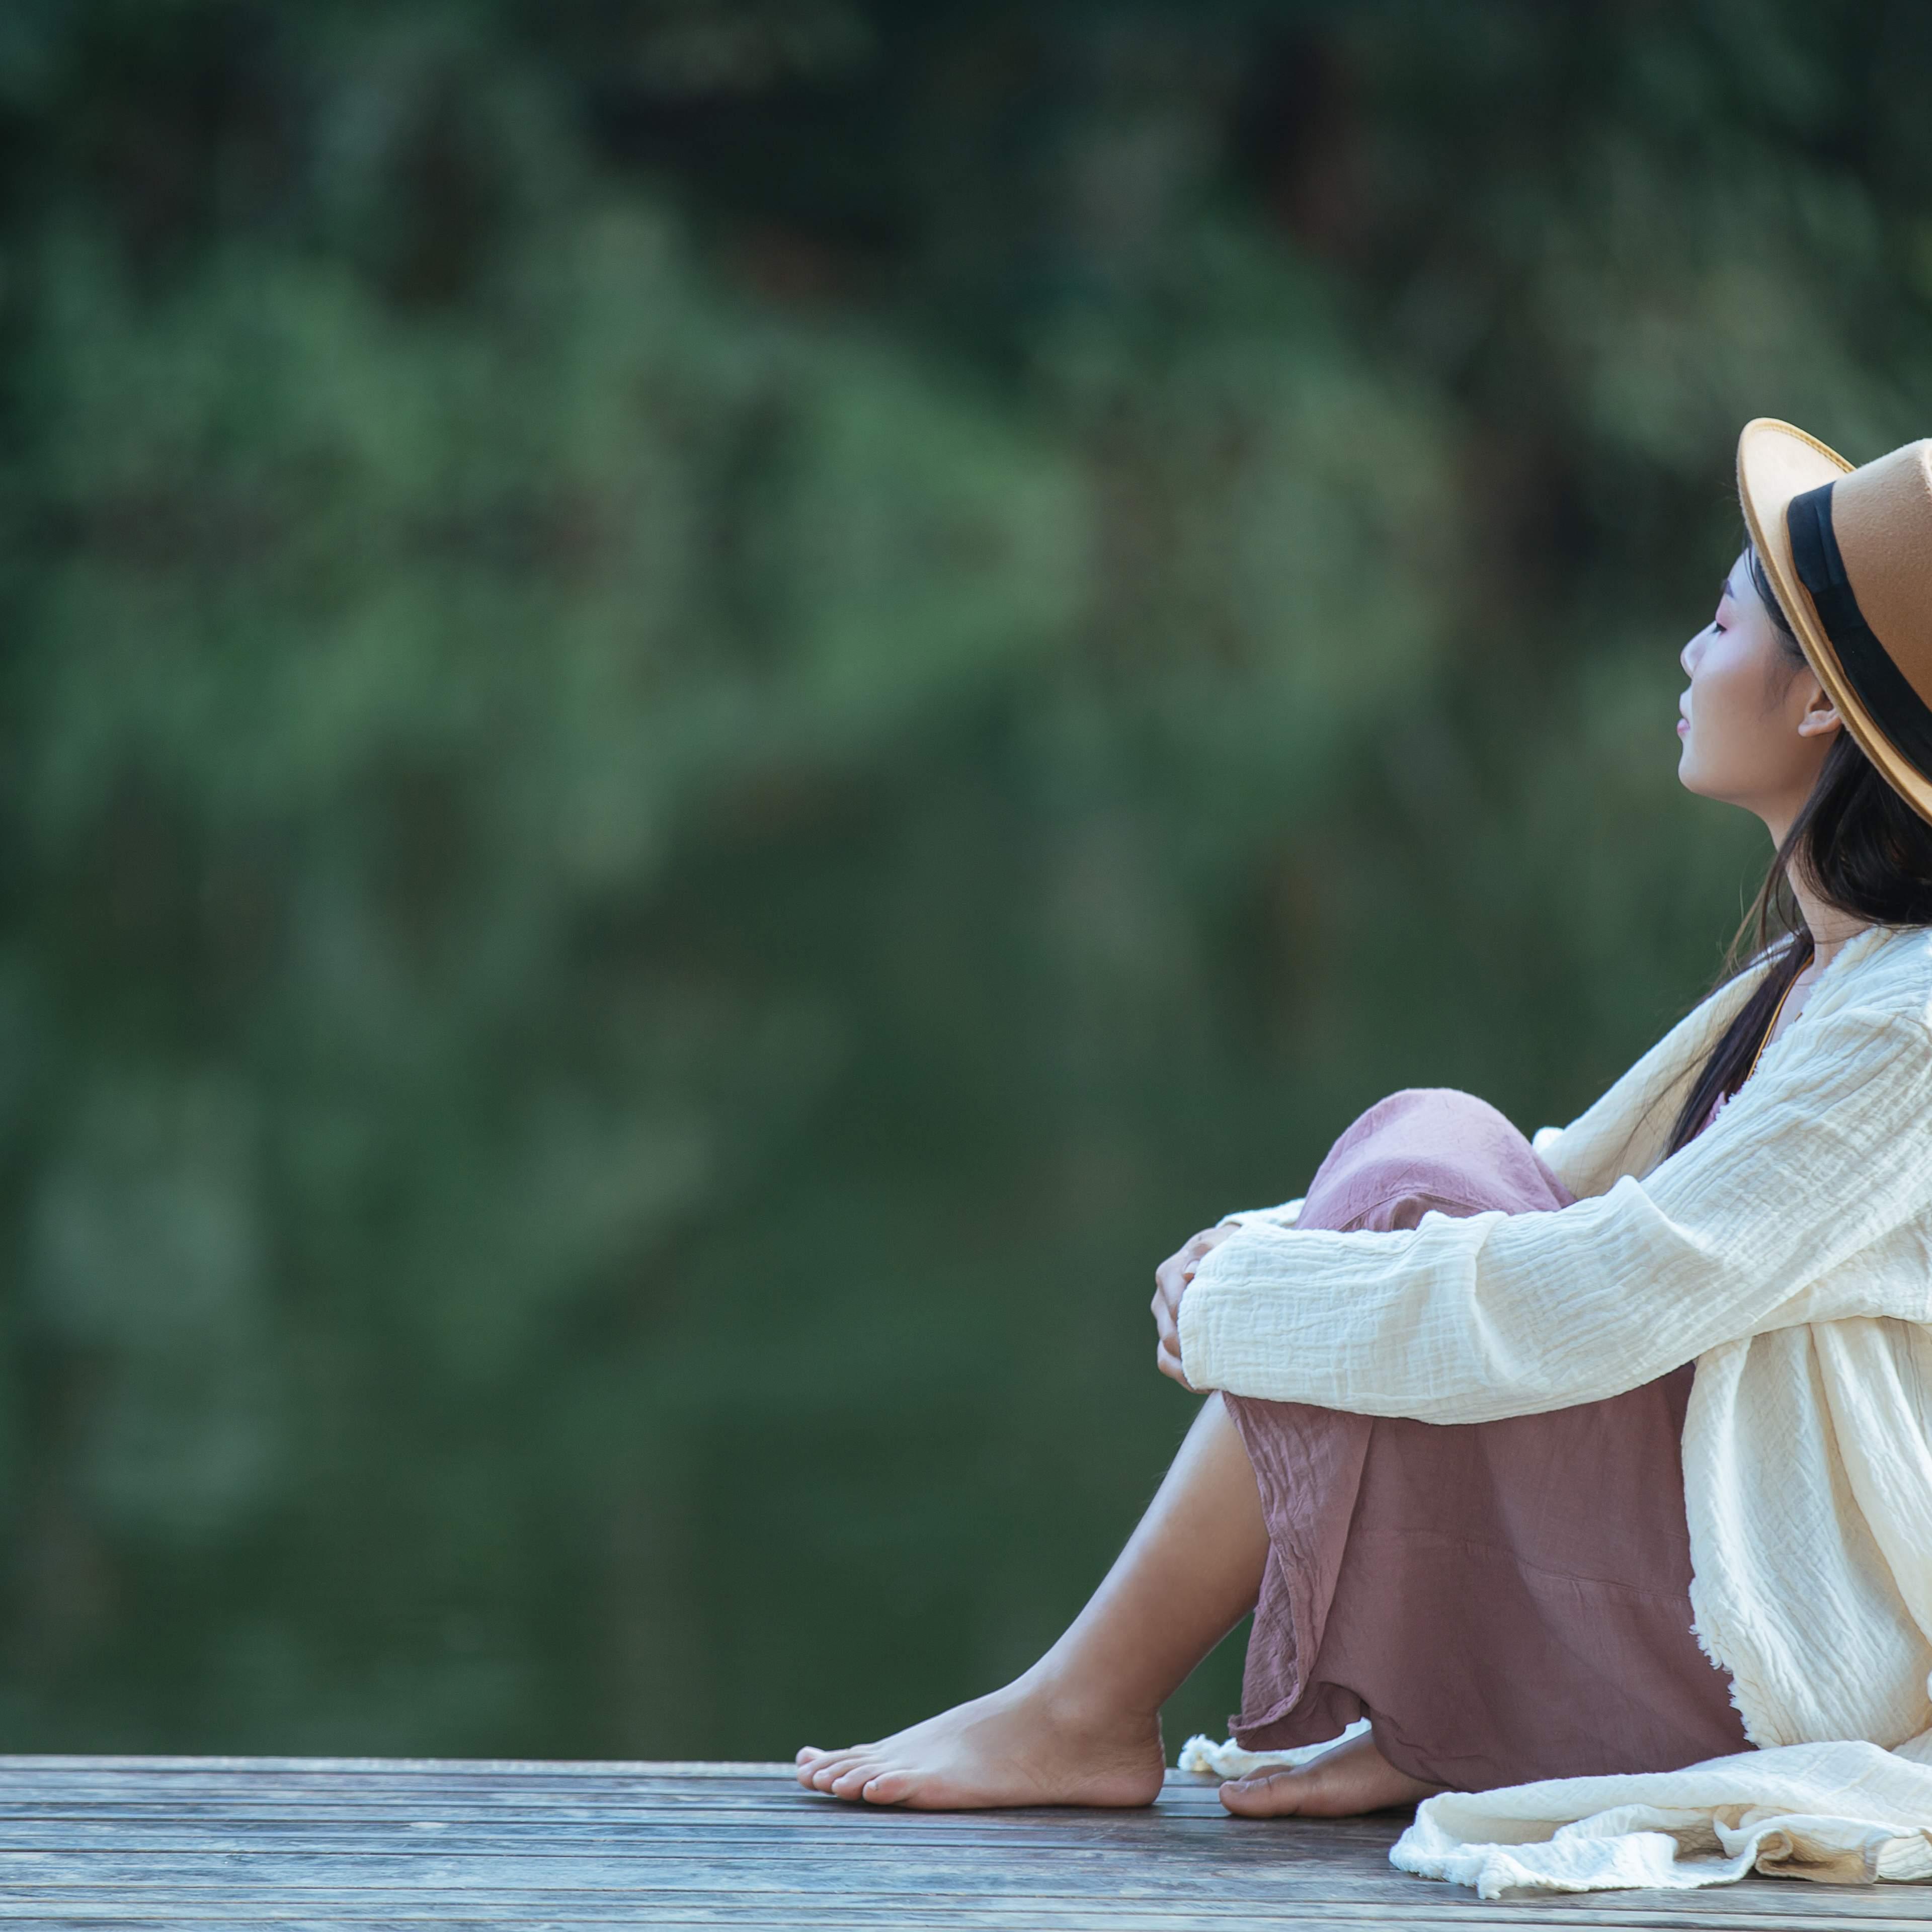 Thiếu hụt cảm xúc thời thơ ấu: Nguyên nhân và cách chữa lành